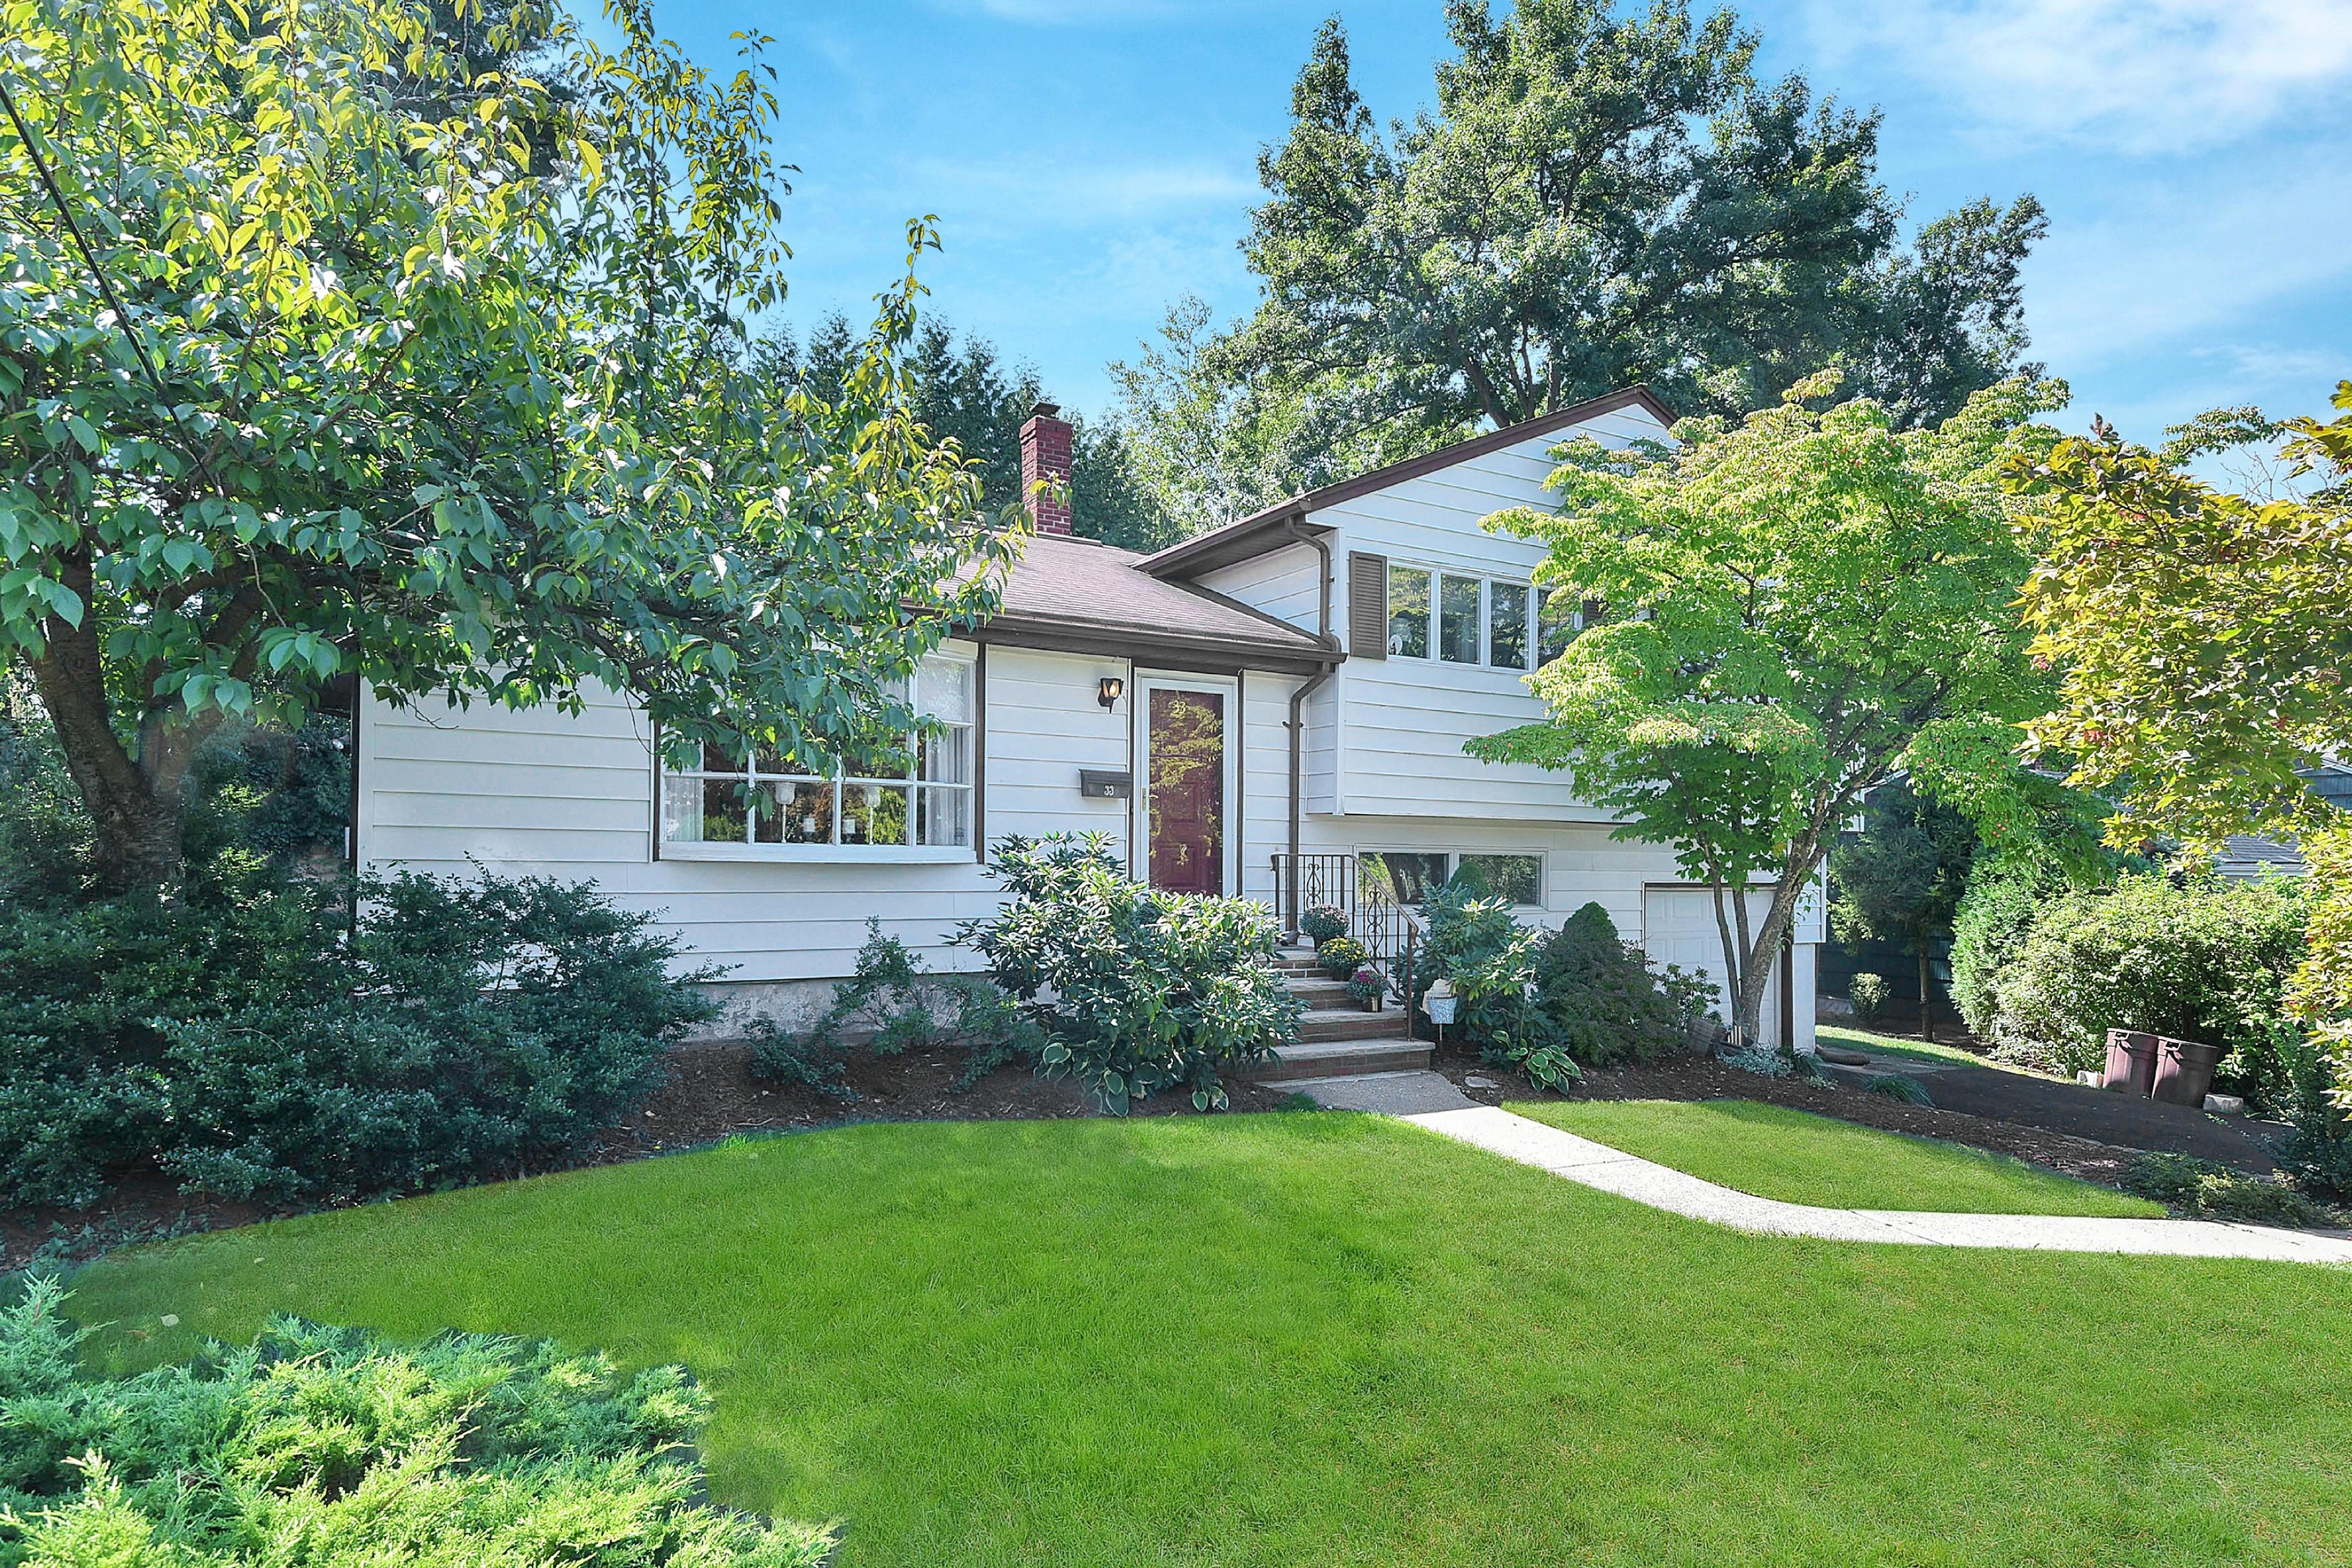 Maison unifamiliale pour l Vente à Great Location 33 Parker Dr Emerson, New Jersey 07630 États-Unis